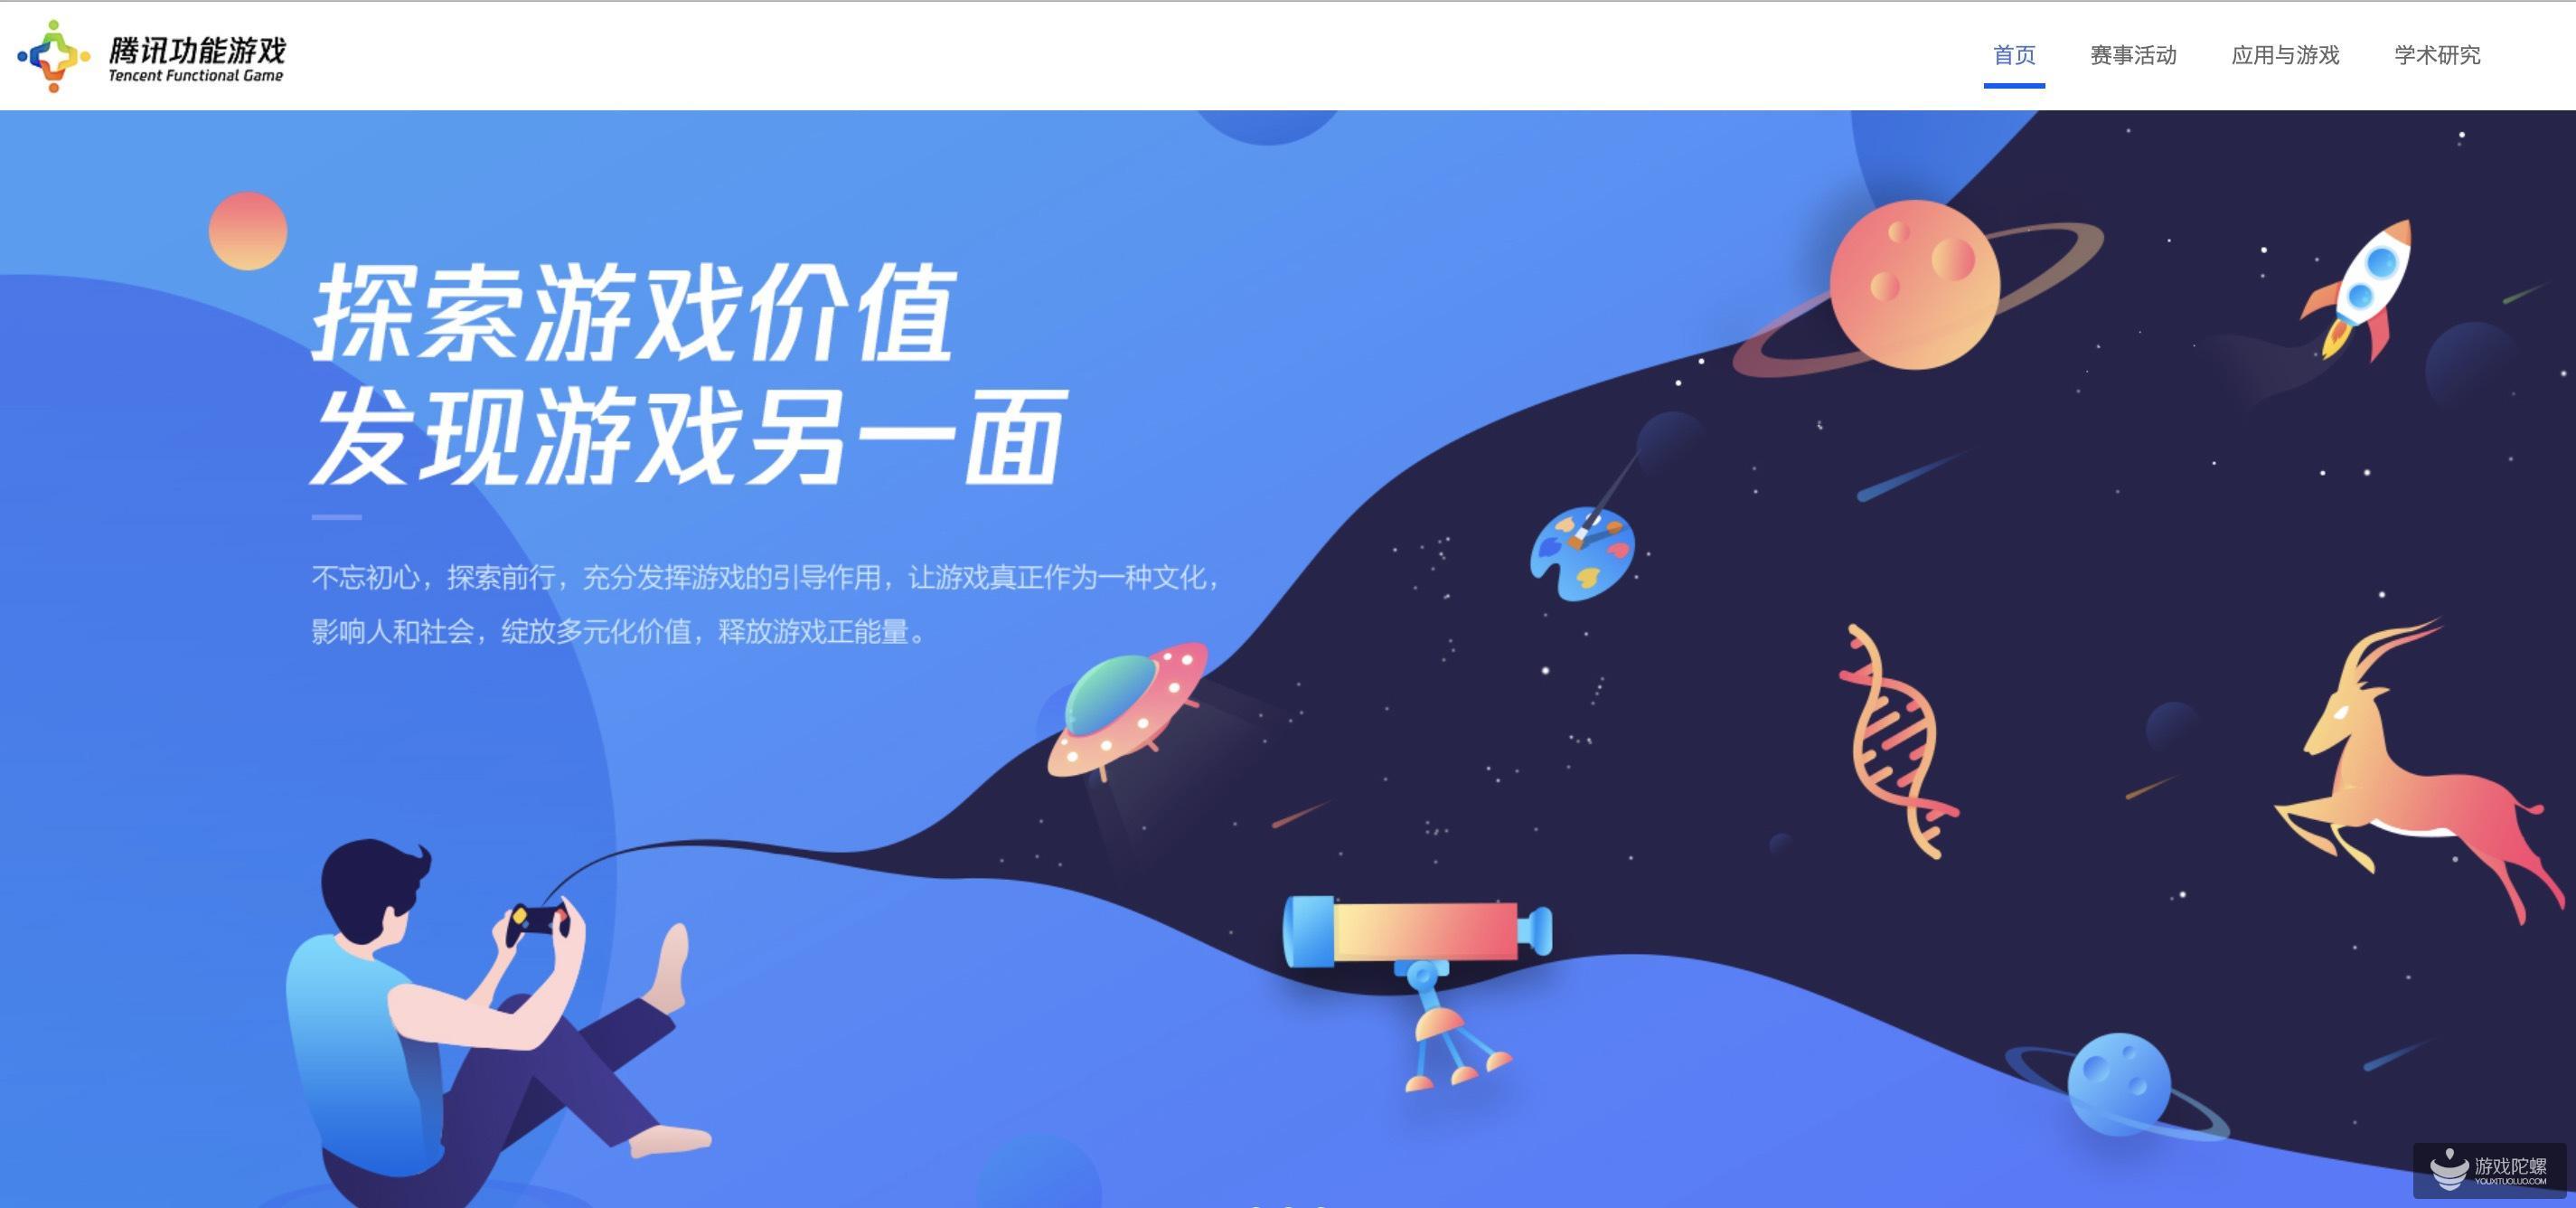 腾讯功能游戏官网上线,三大版块探索游戏社会价值